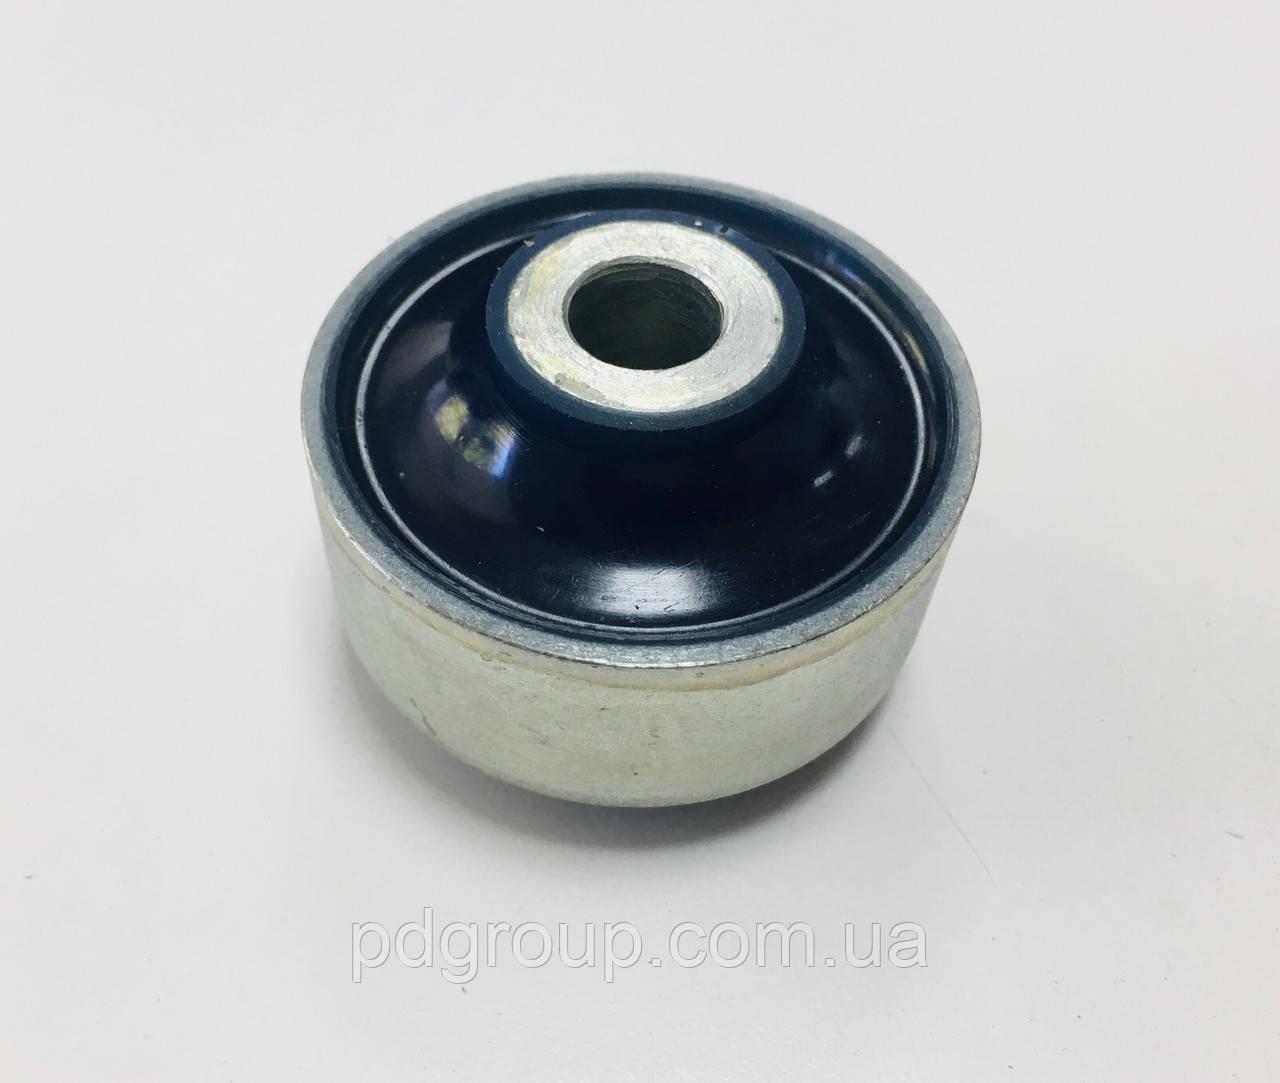 Сайлентблок переднего рычага задний VOLKSWAGEN (VAG 1J0 407 181)